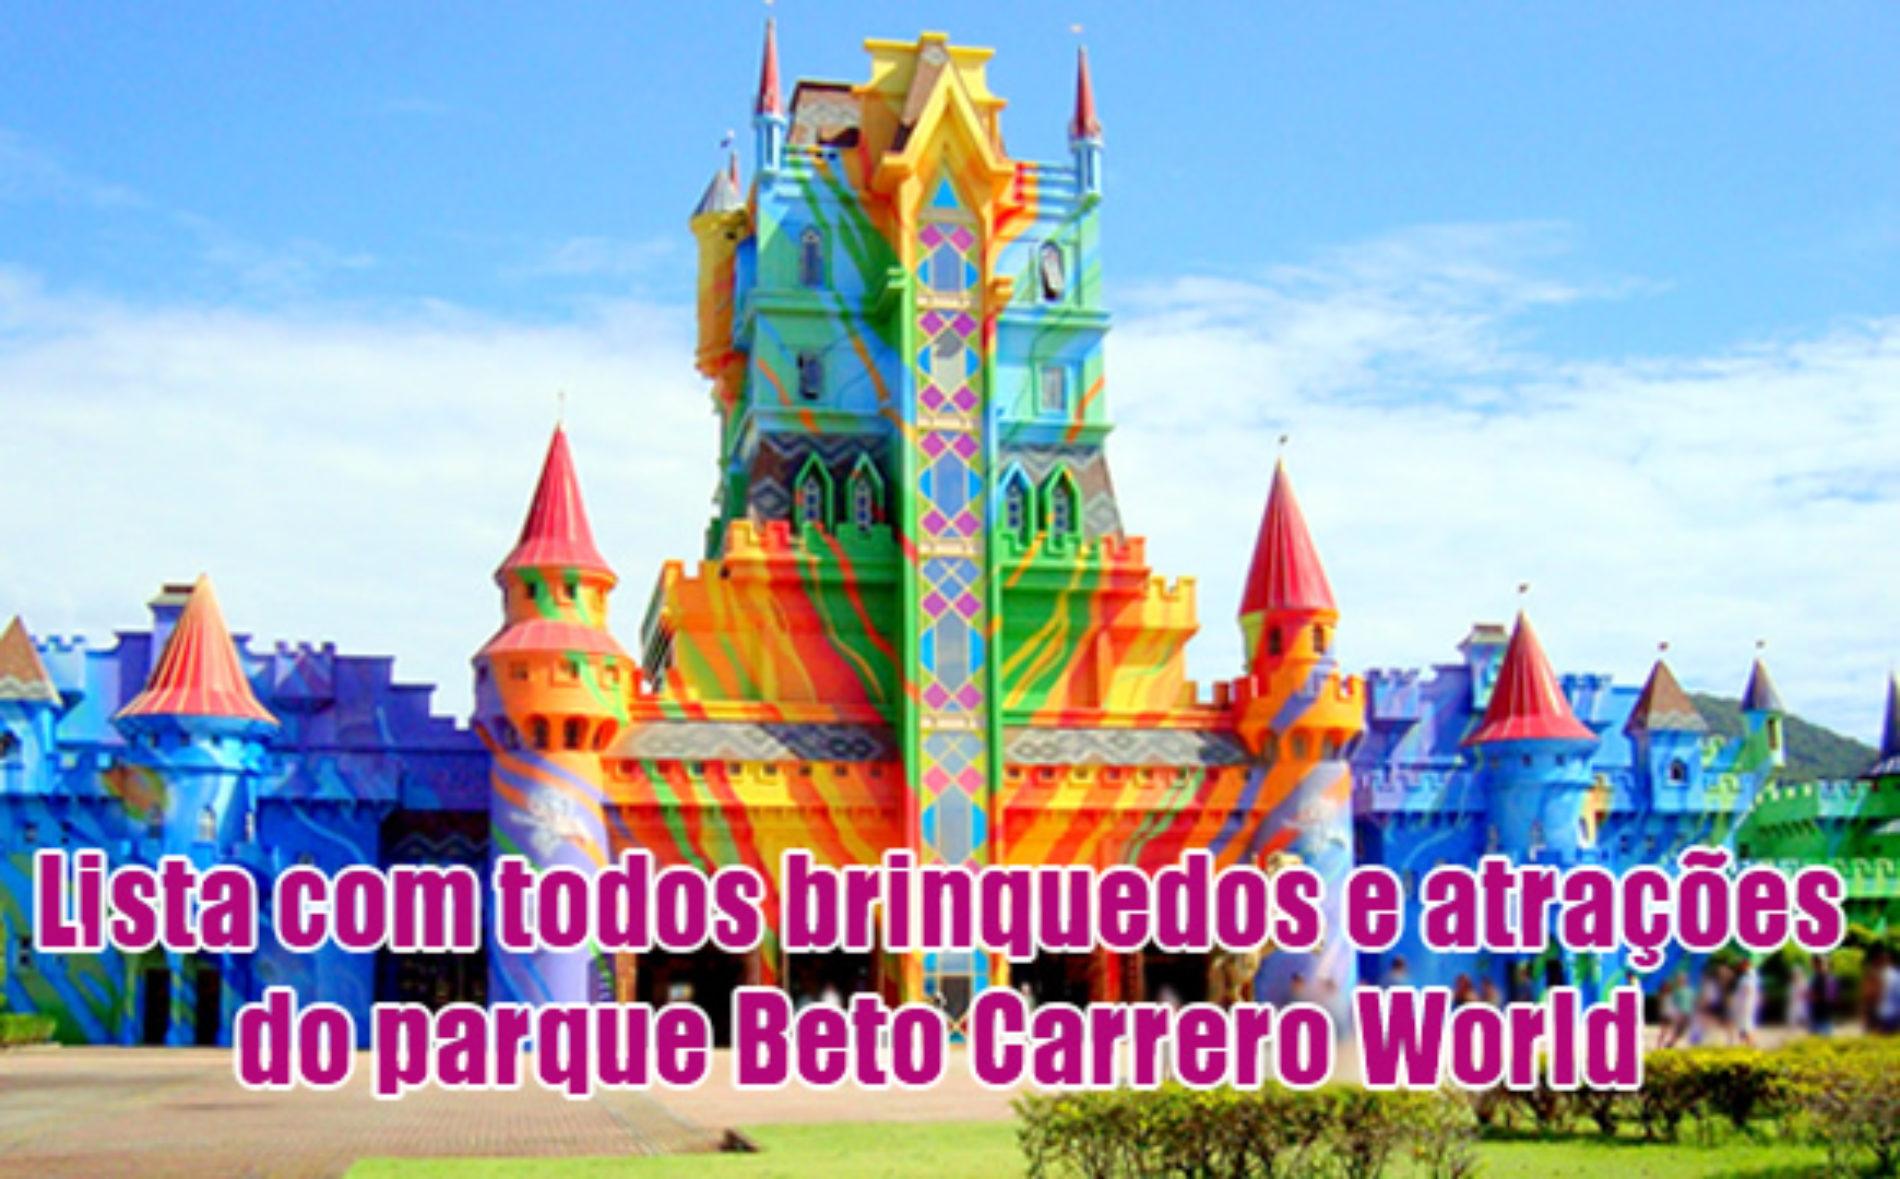 Lista com todos os atuais brinquedos e atrações do Beto Carrero World